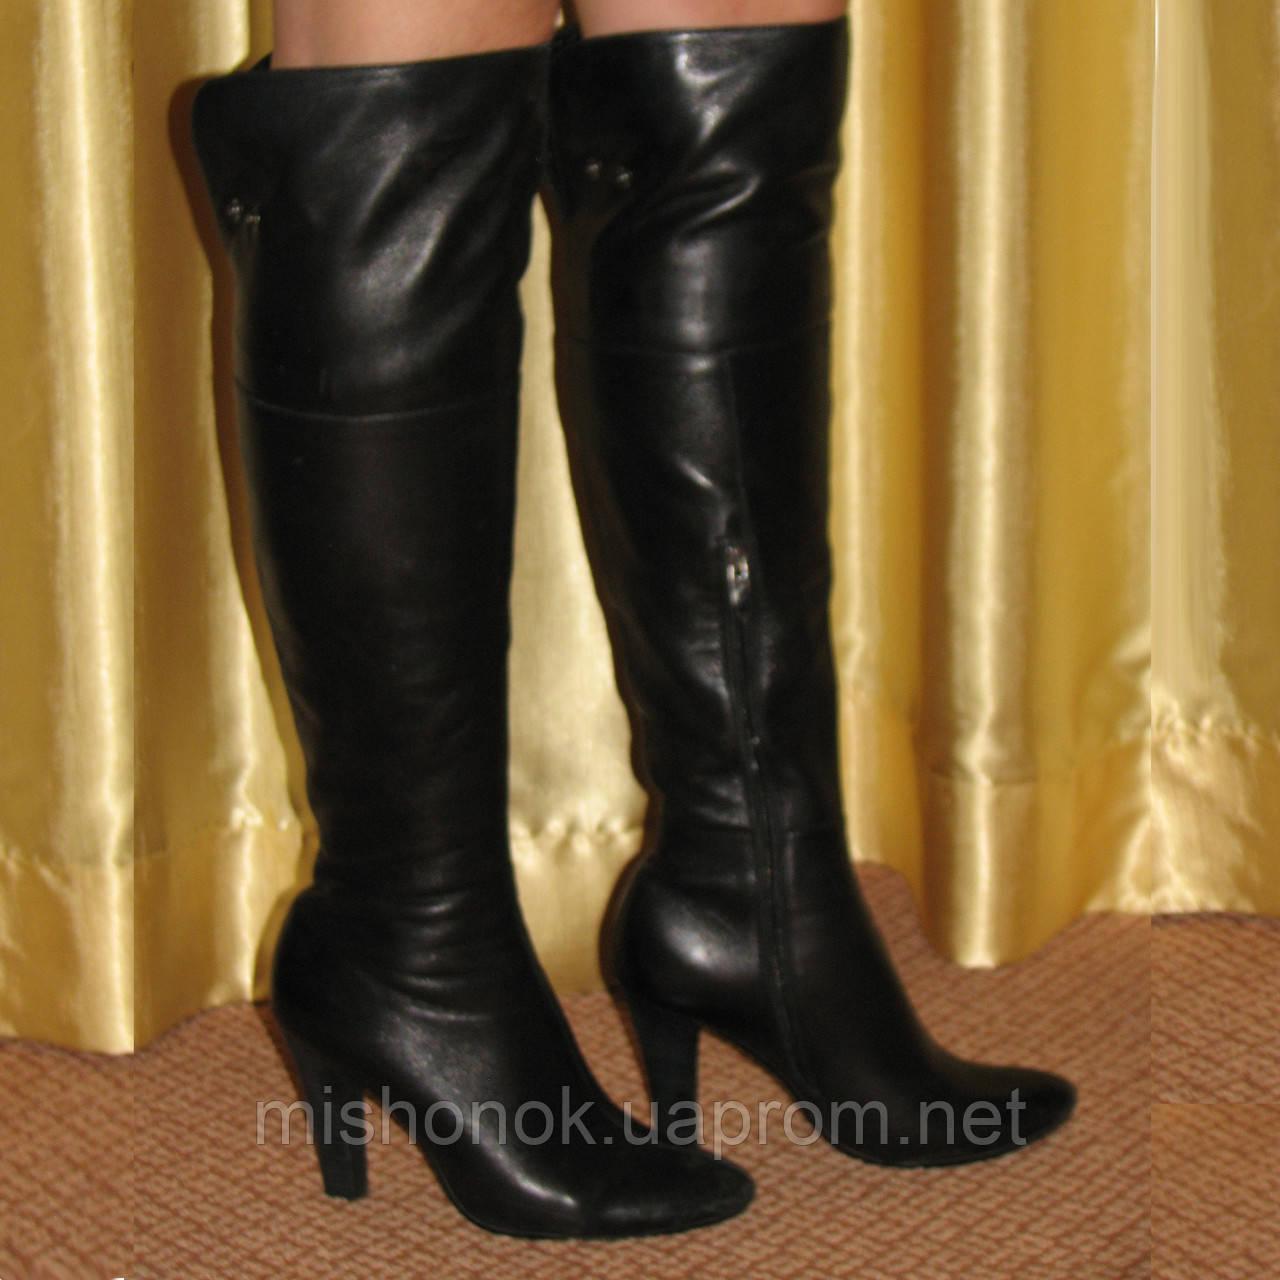 Женские высокие сапоги ботфорты Grado р.37 кожа, еврозима